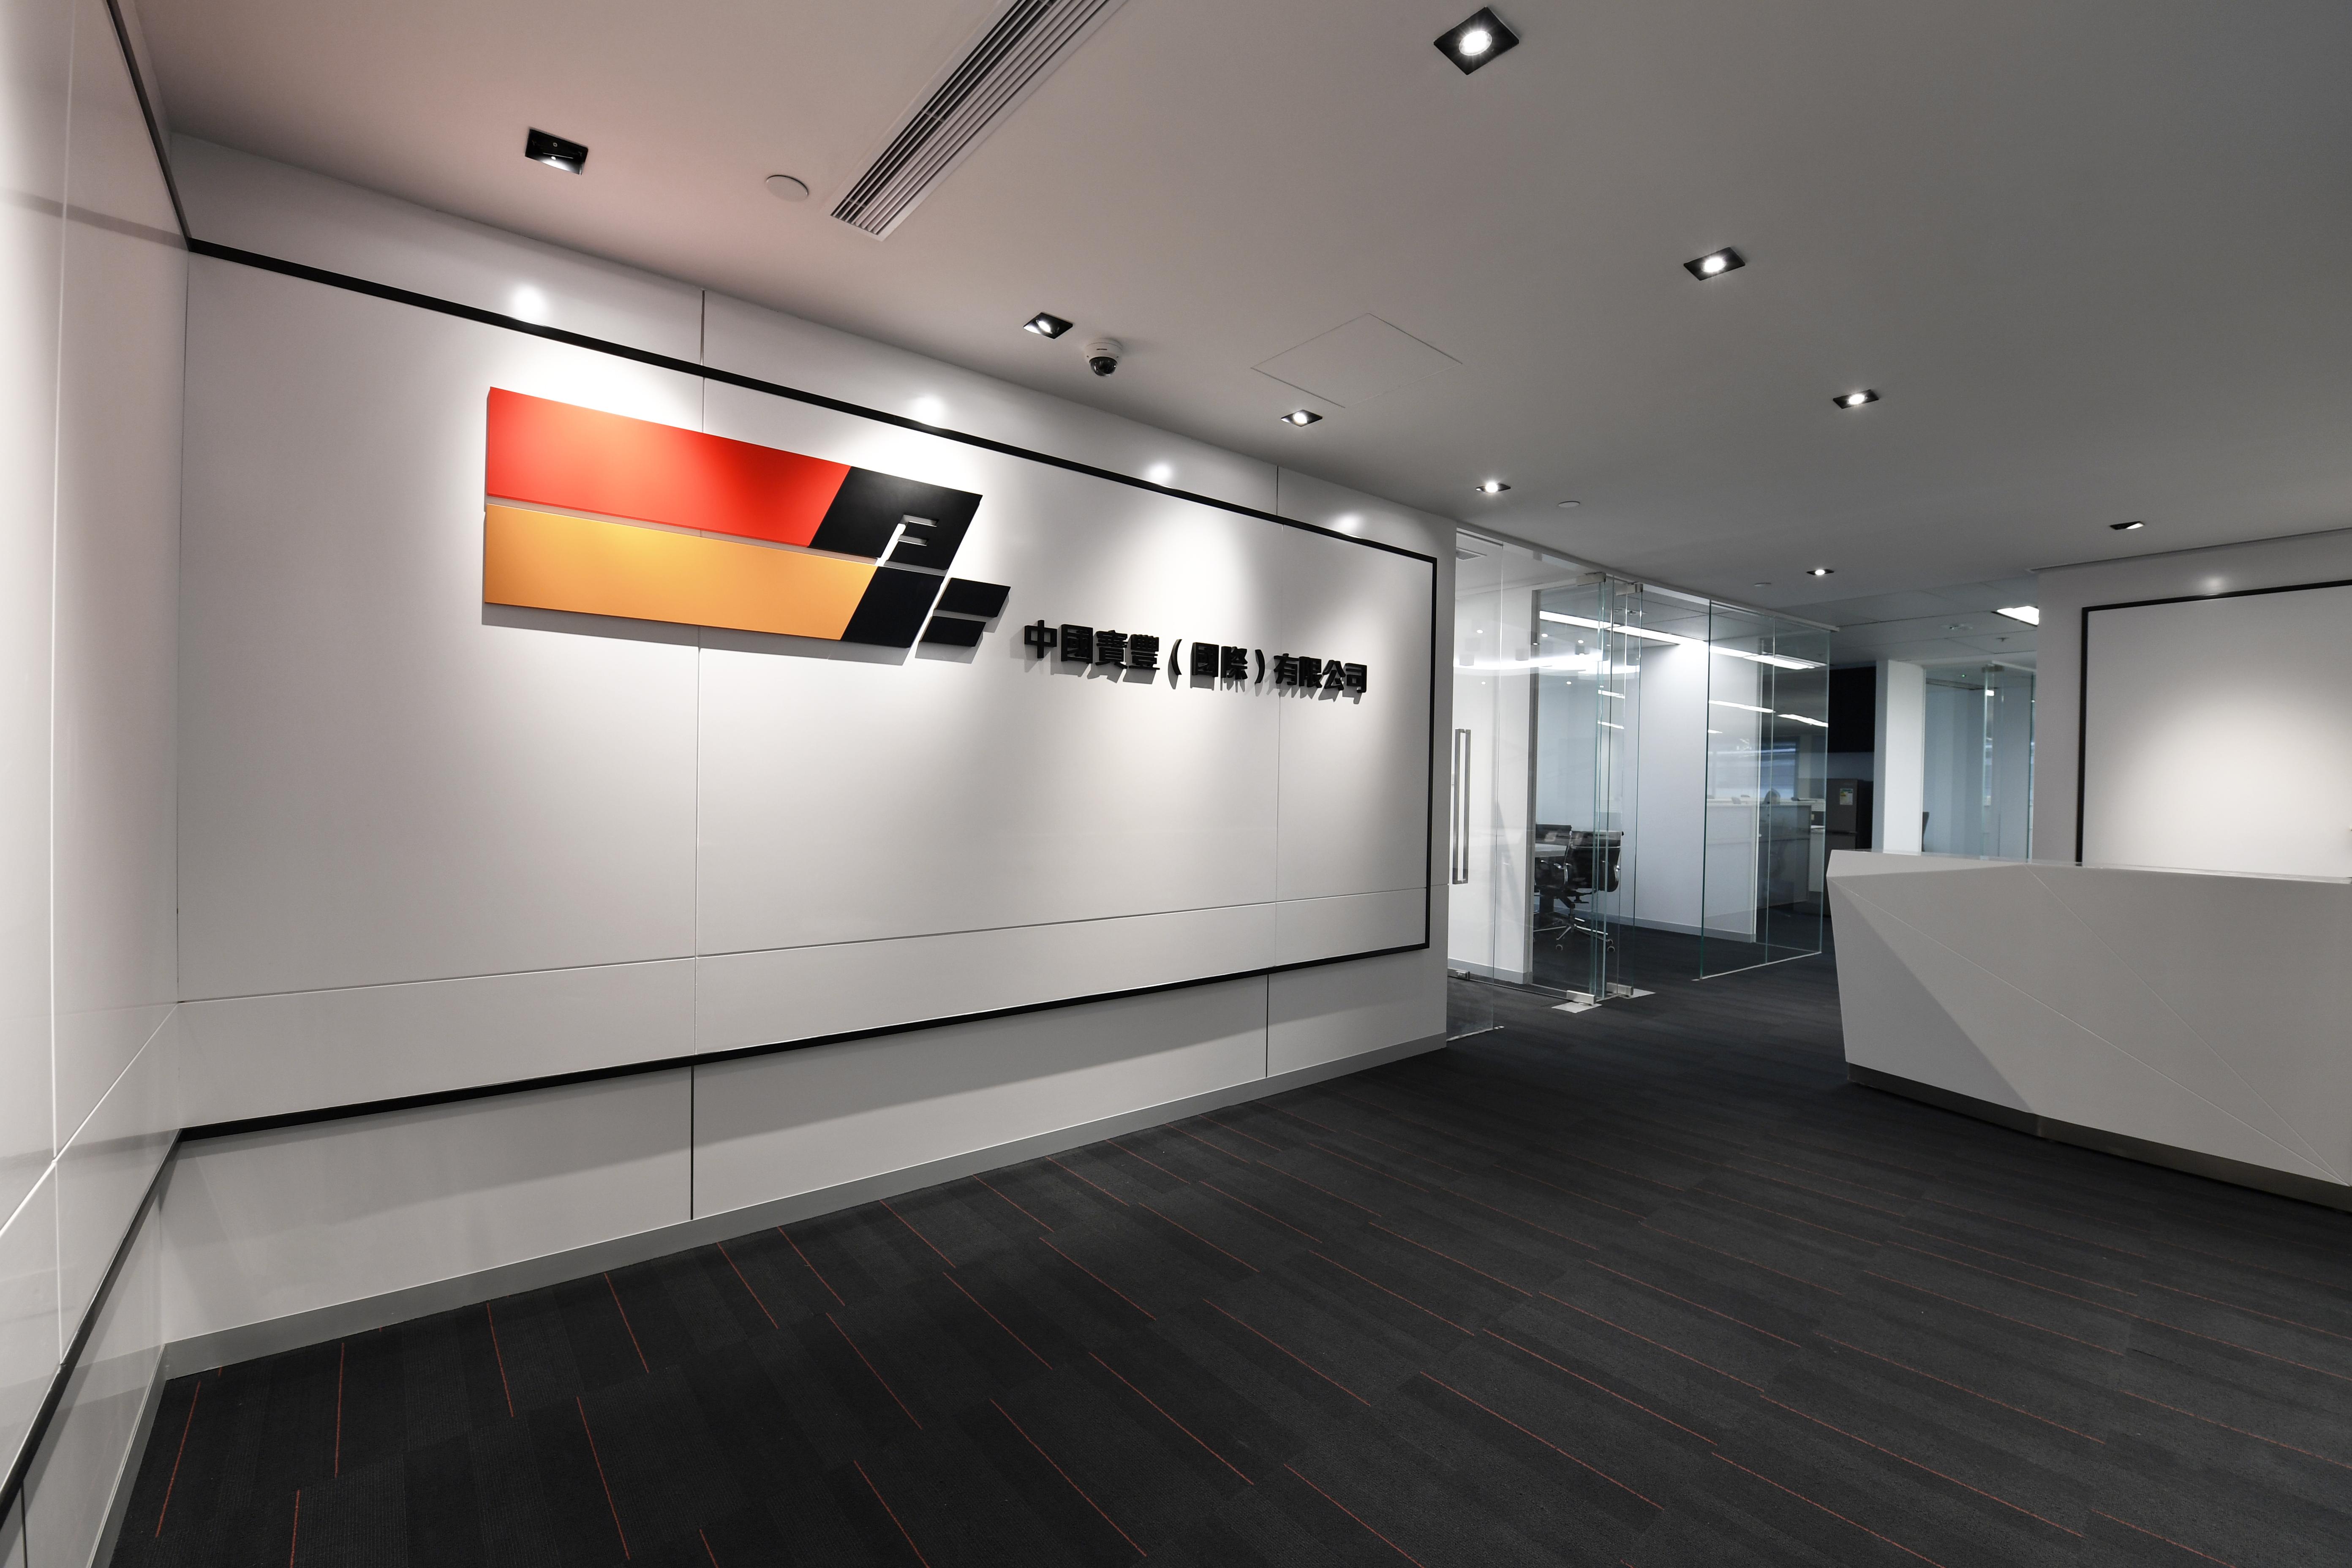 辦公室設計 Office Design 中國寶豐(國際)有限公司 (2)